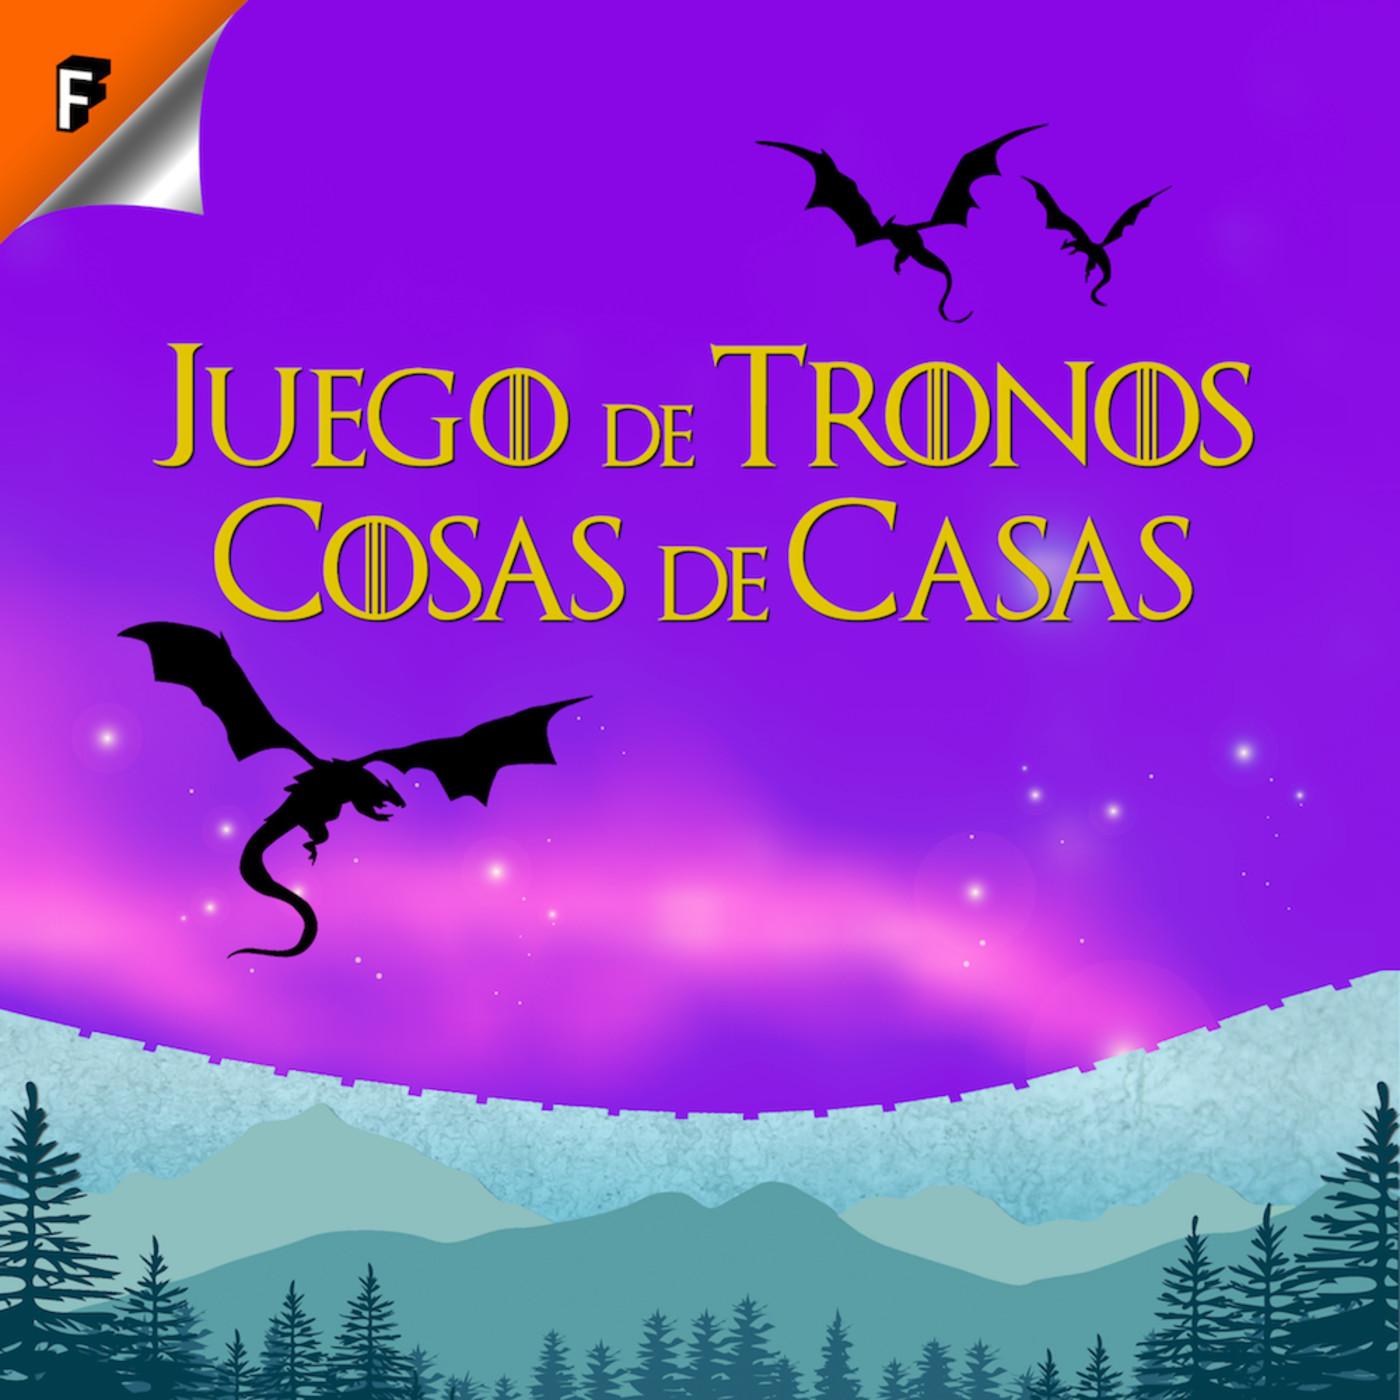 S06e05 the door juego de tronos cosas de casas en - Juego de tronos casas ...